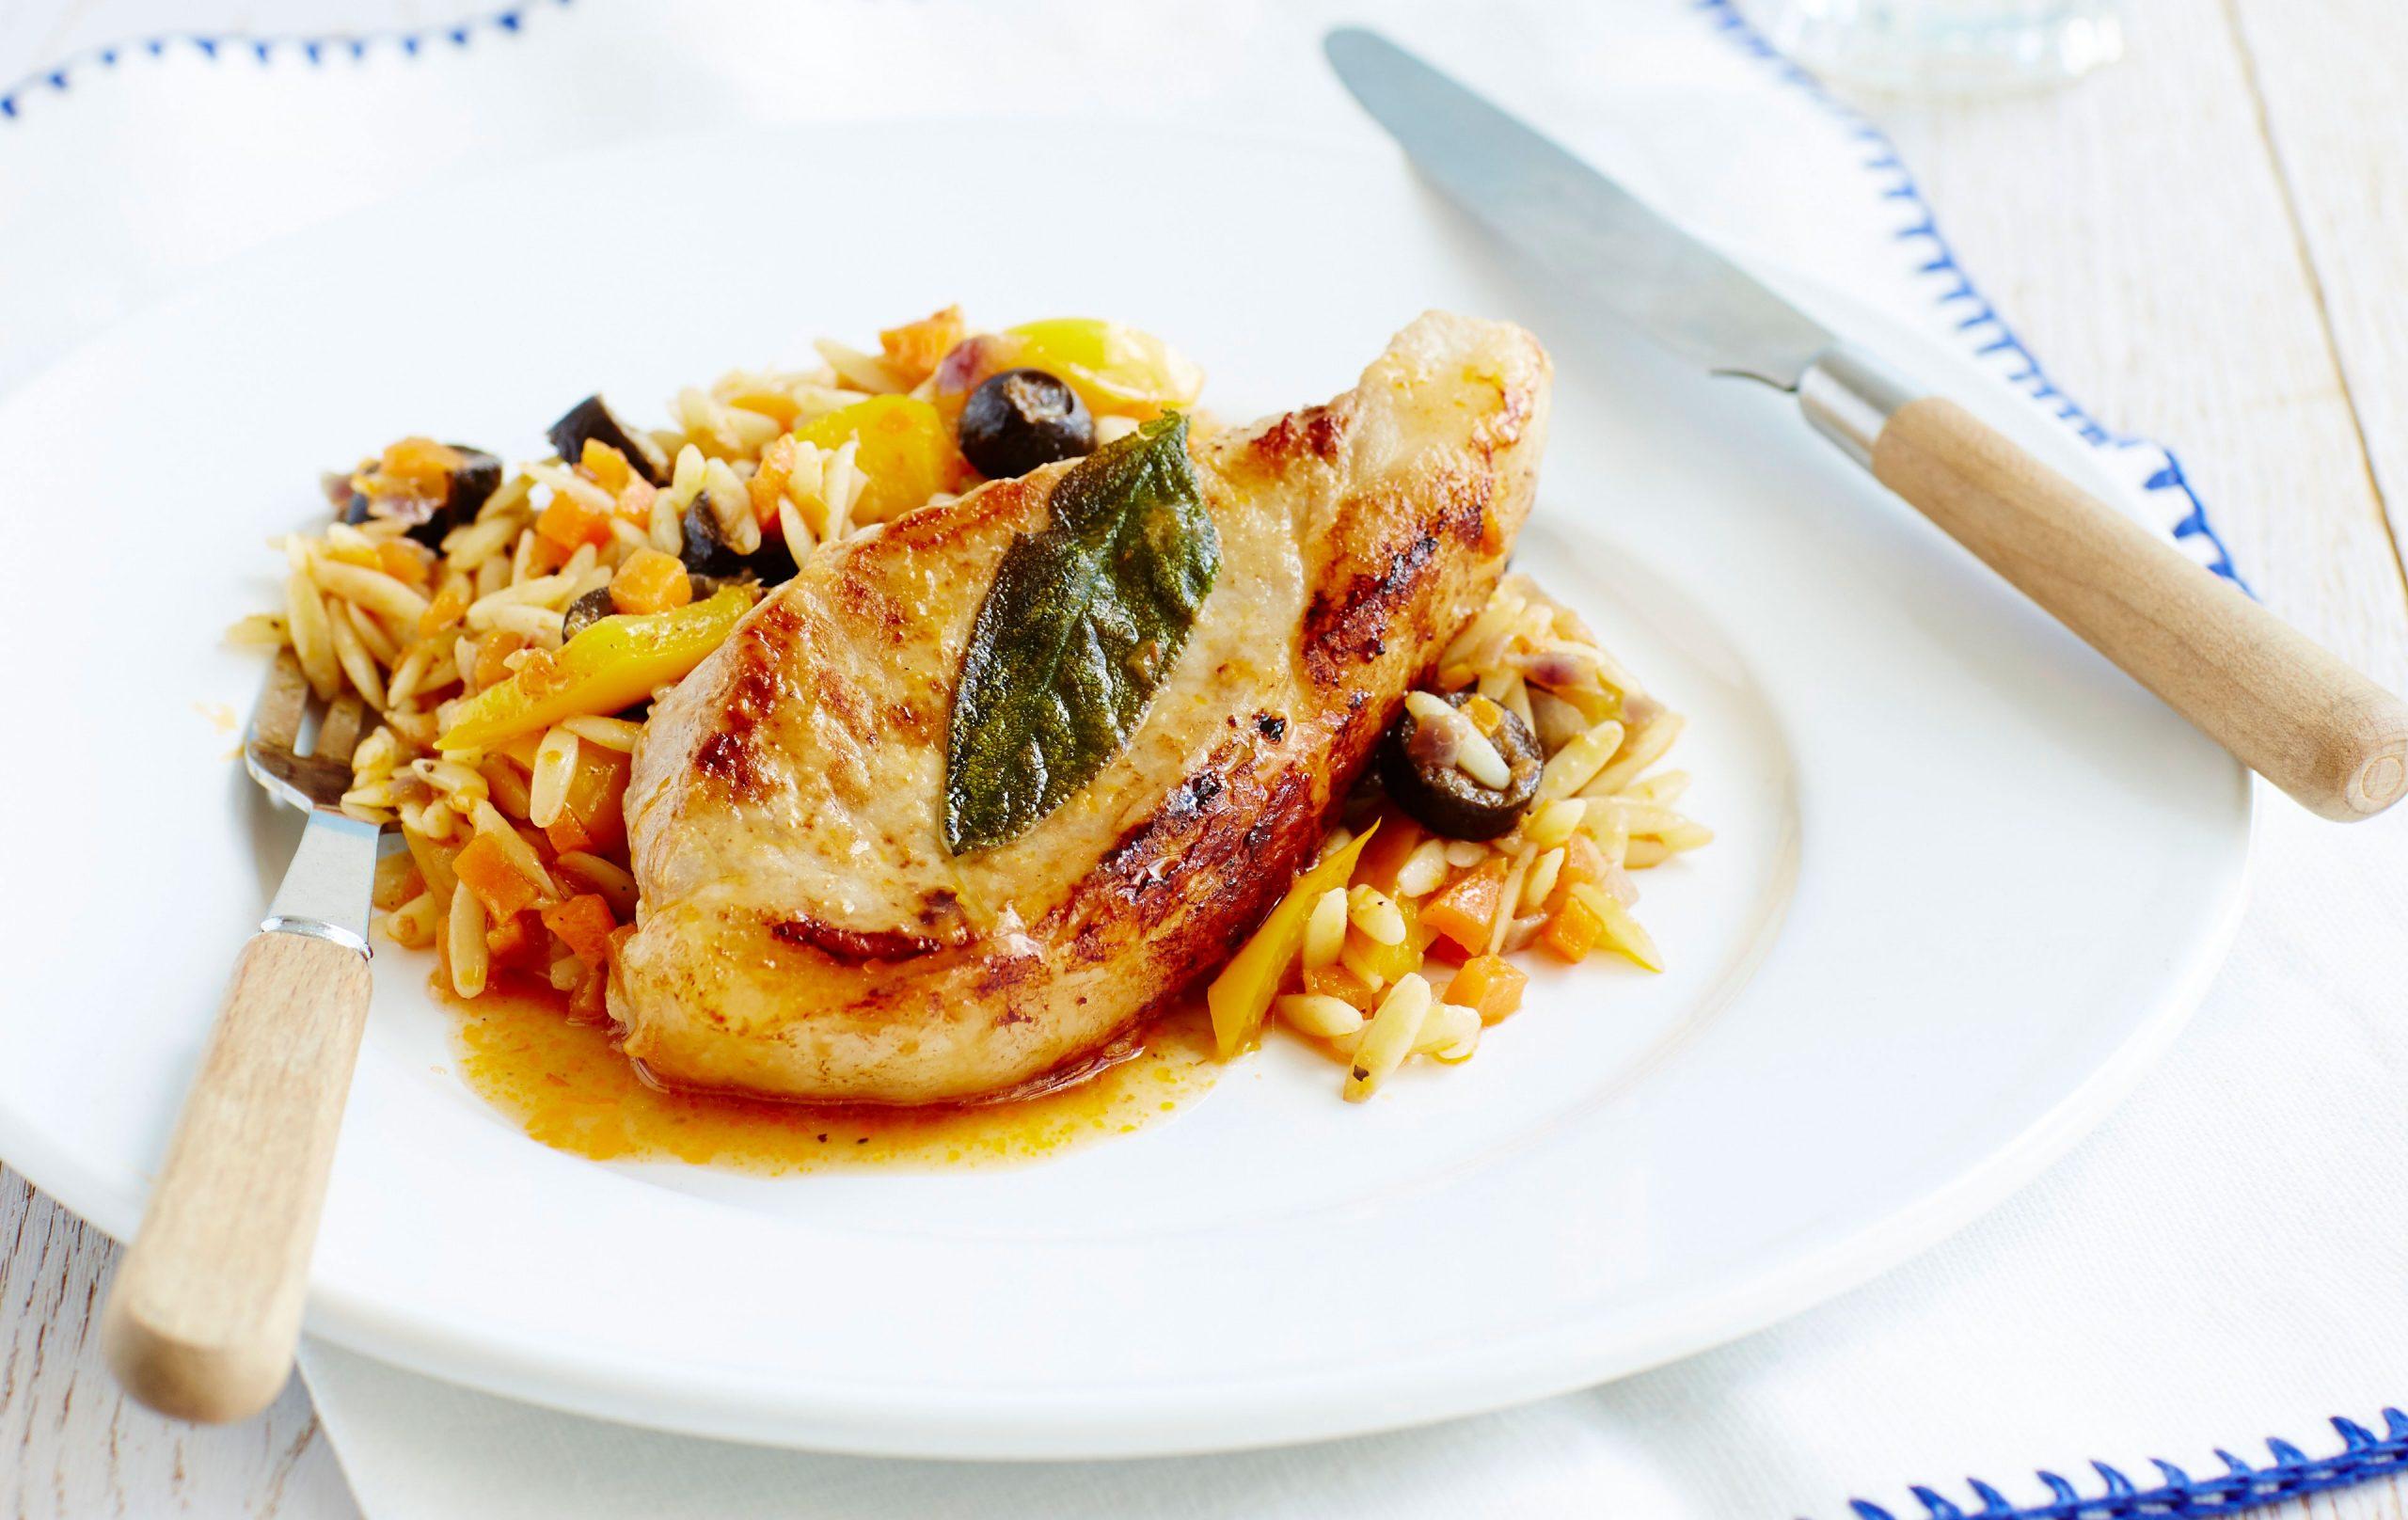 Côtelette de porc à la sauge avec pâtes aux légumes, repas hypocaloriques